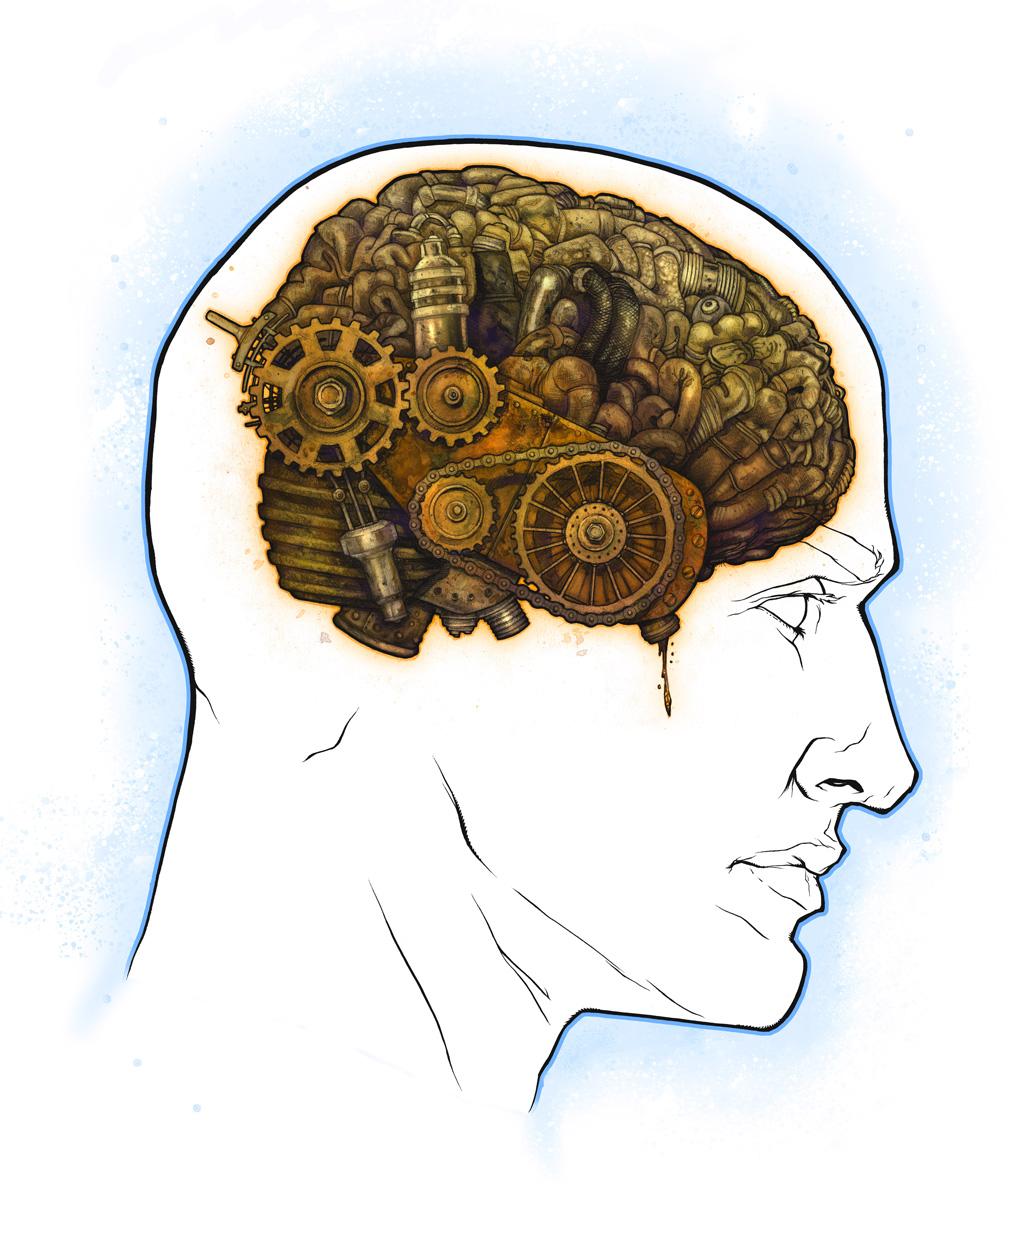 Machine_Brain_2_by_nelsoncosentino.jpg